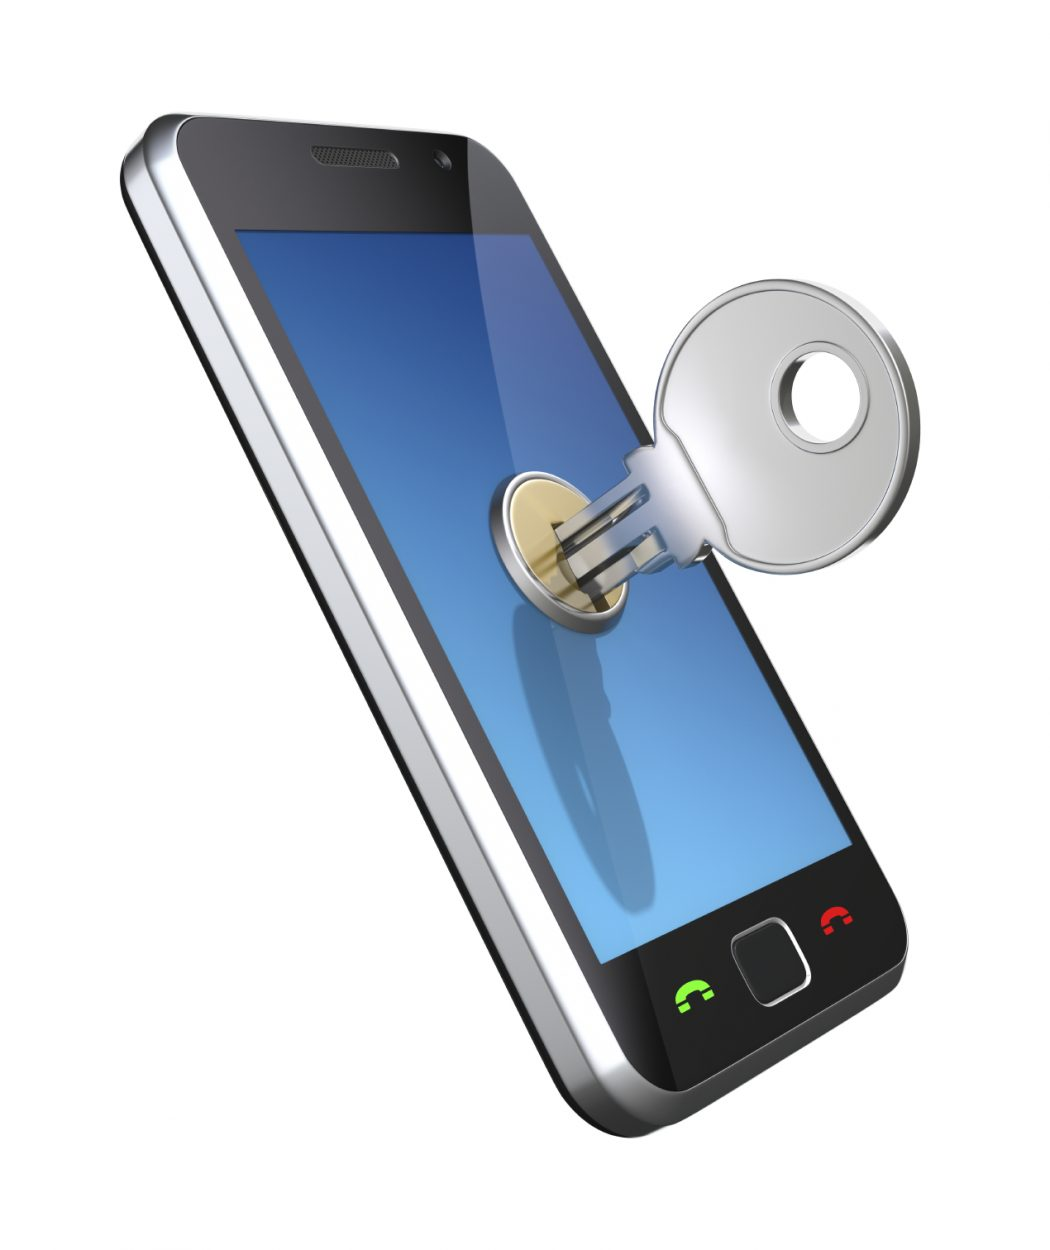 8976-LockedPhone Top 10 Leaked National Security Agency Secrets